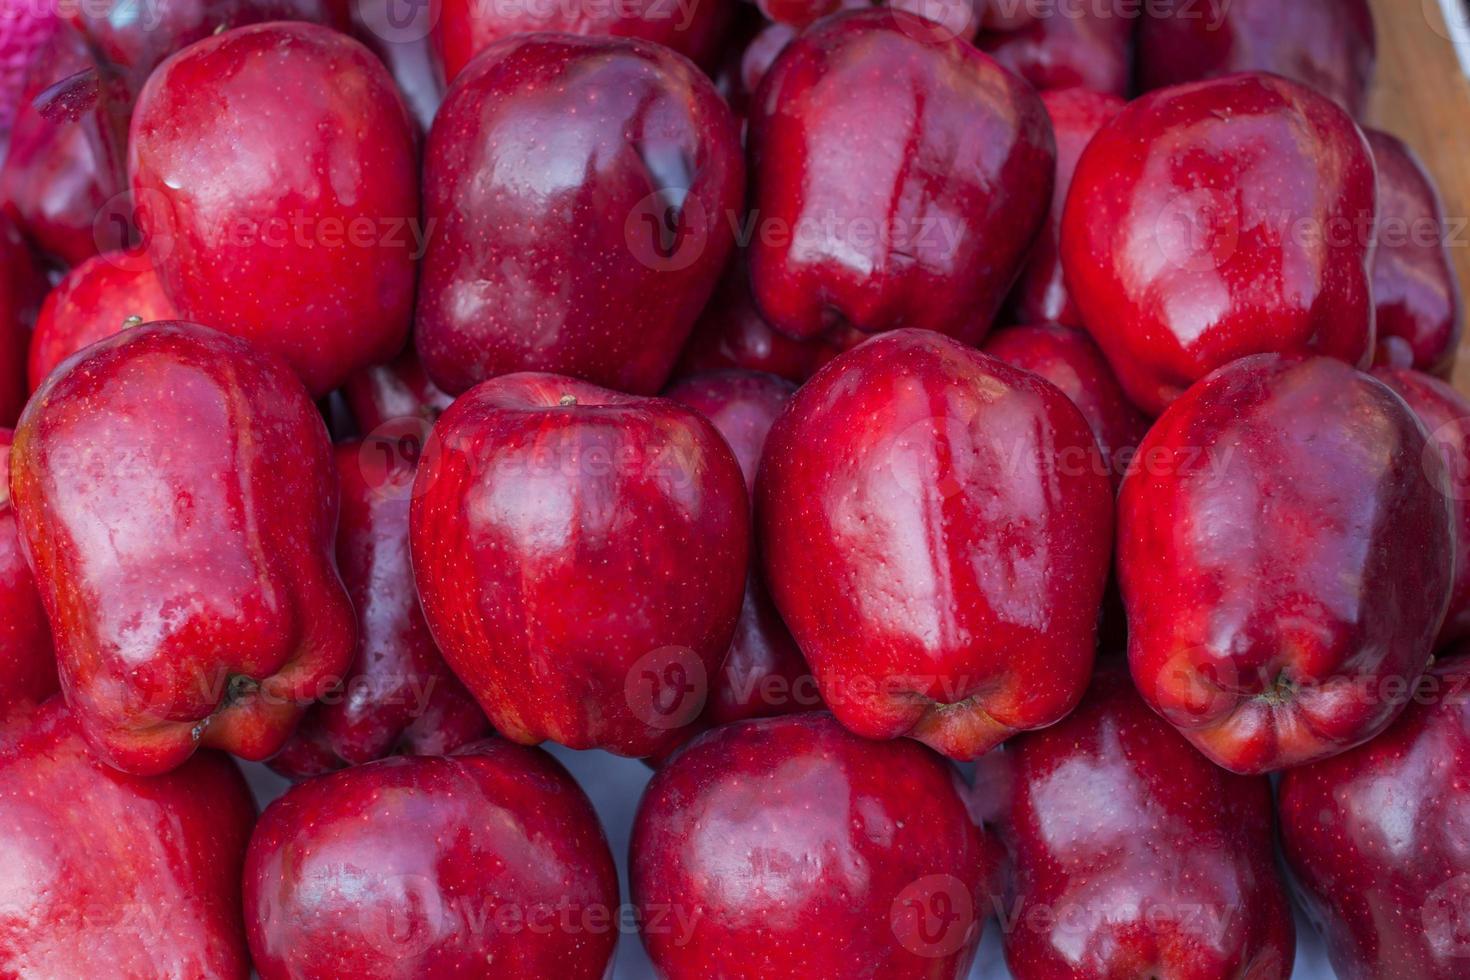 primo piano di mele rosse foto